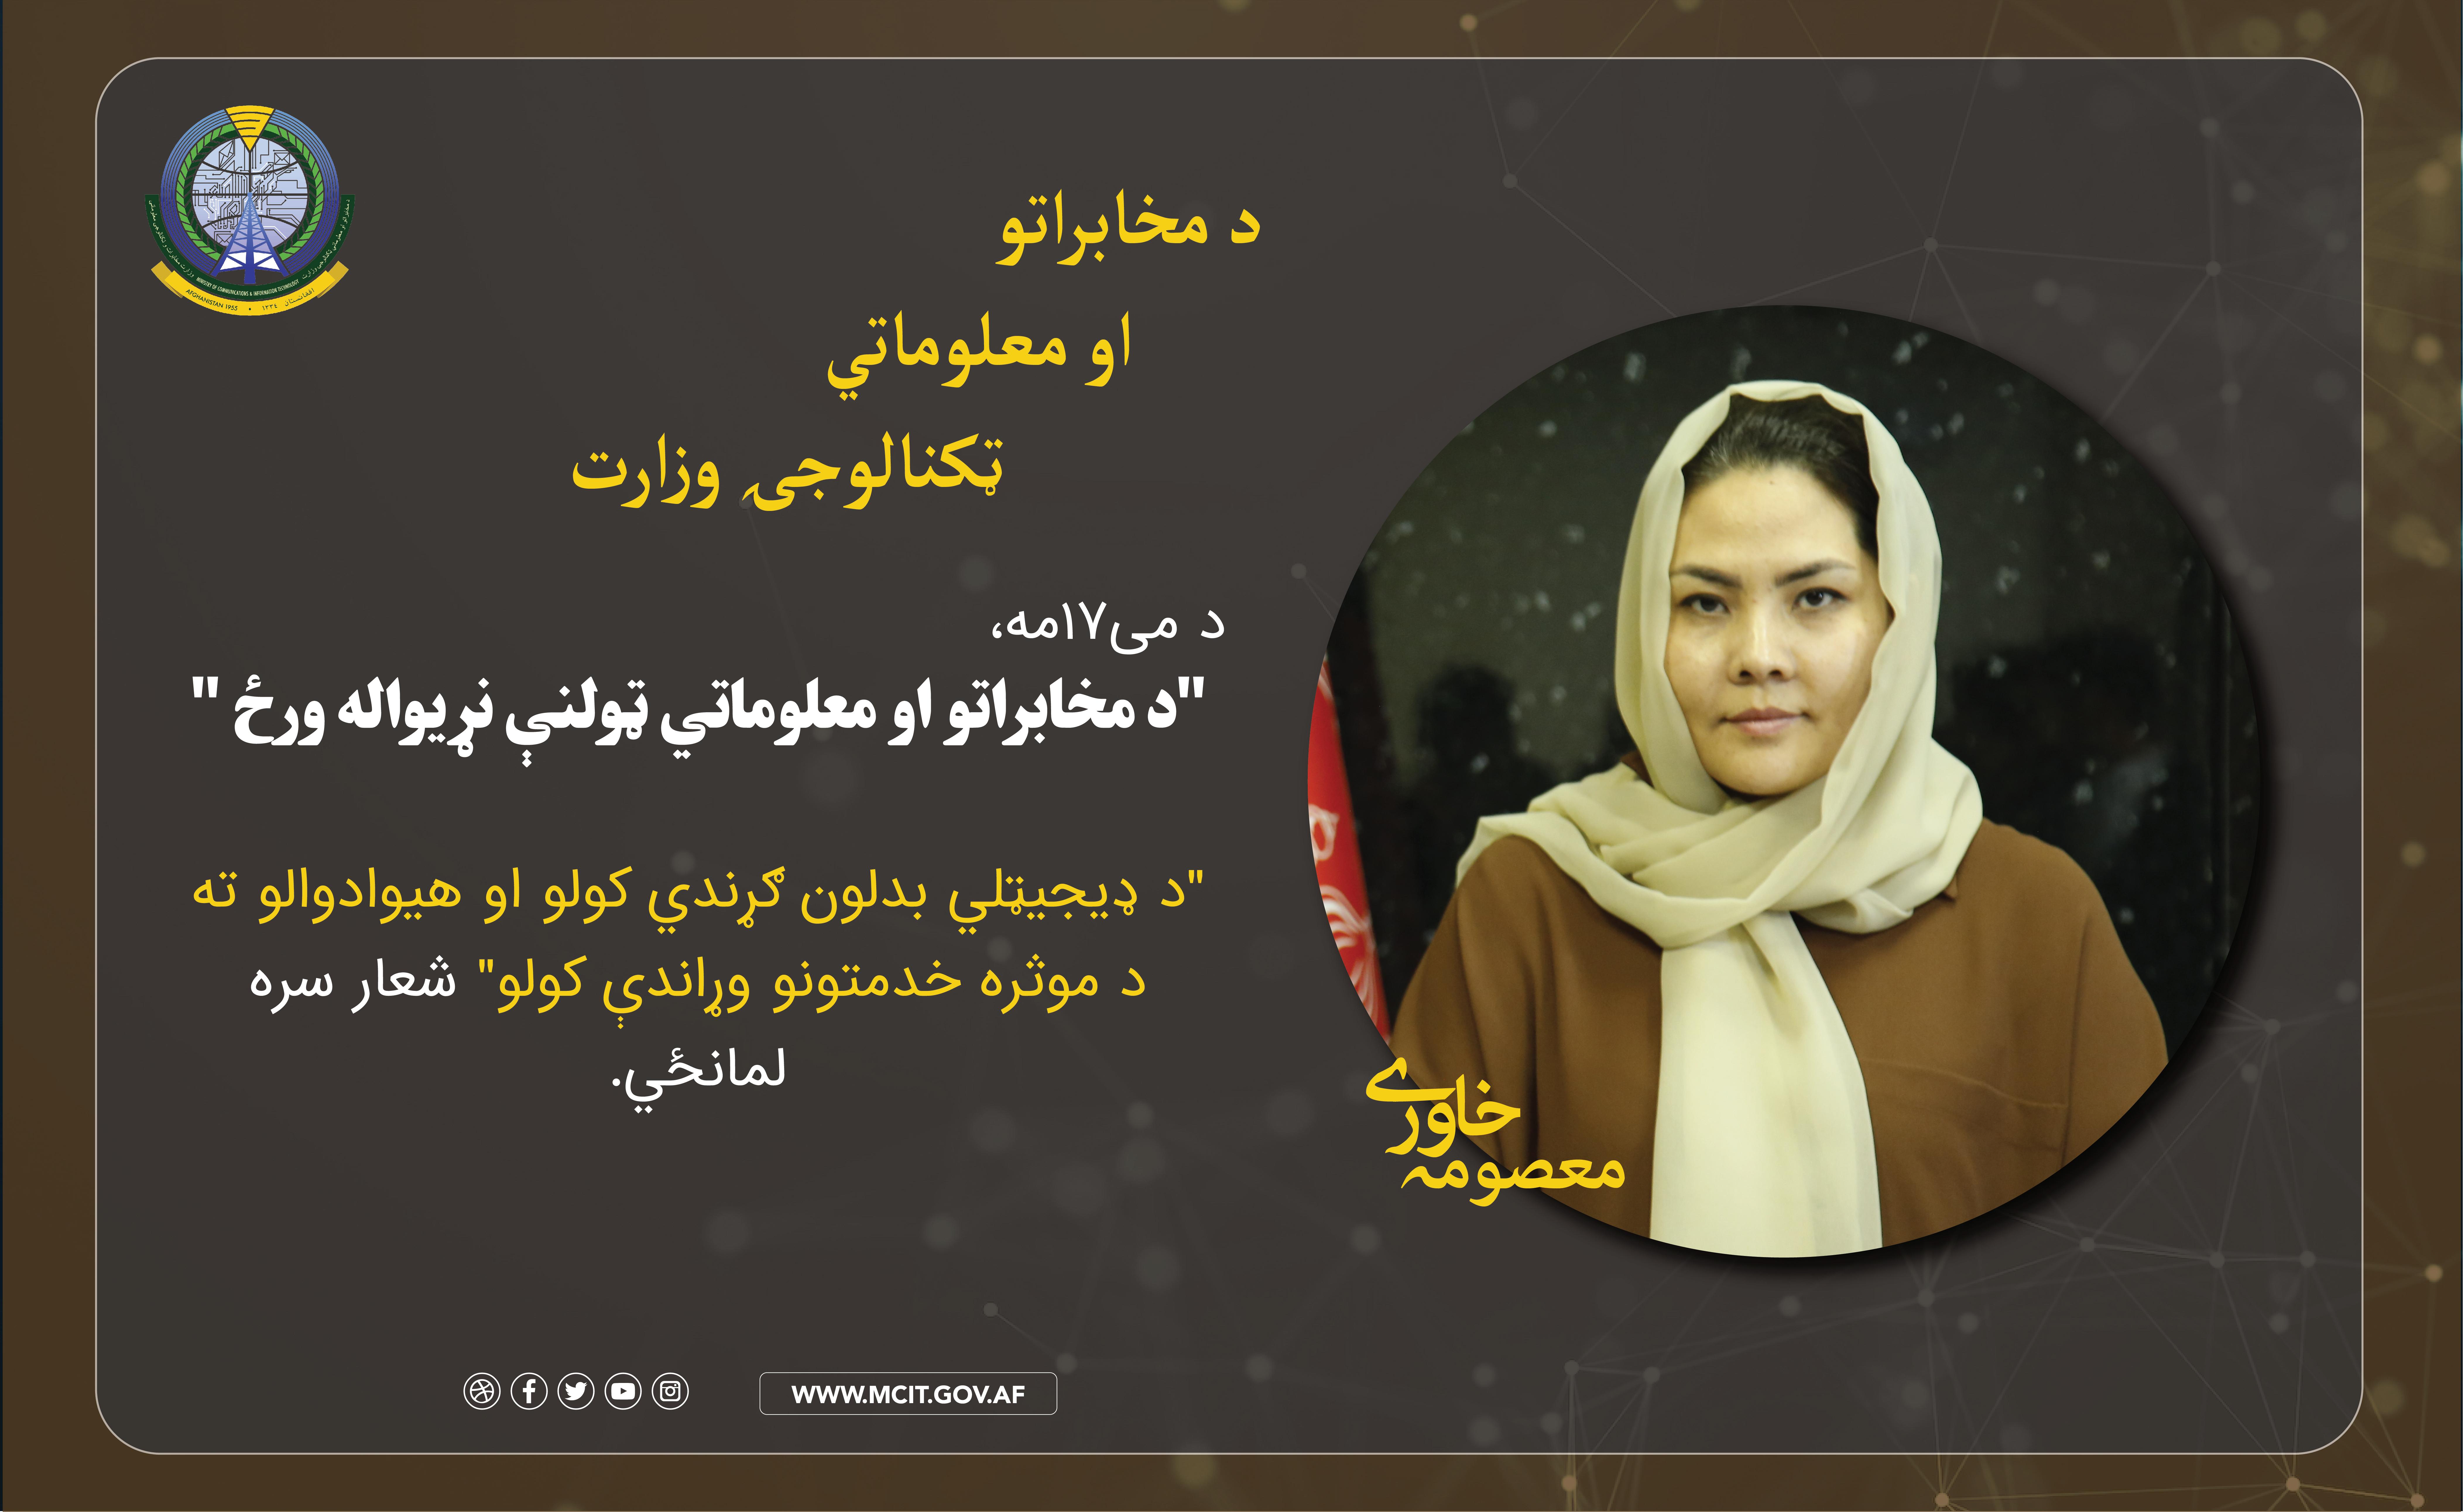 ۱۷ می روز جهانی مخابرات پشتو